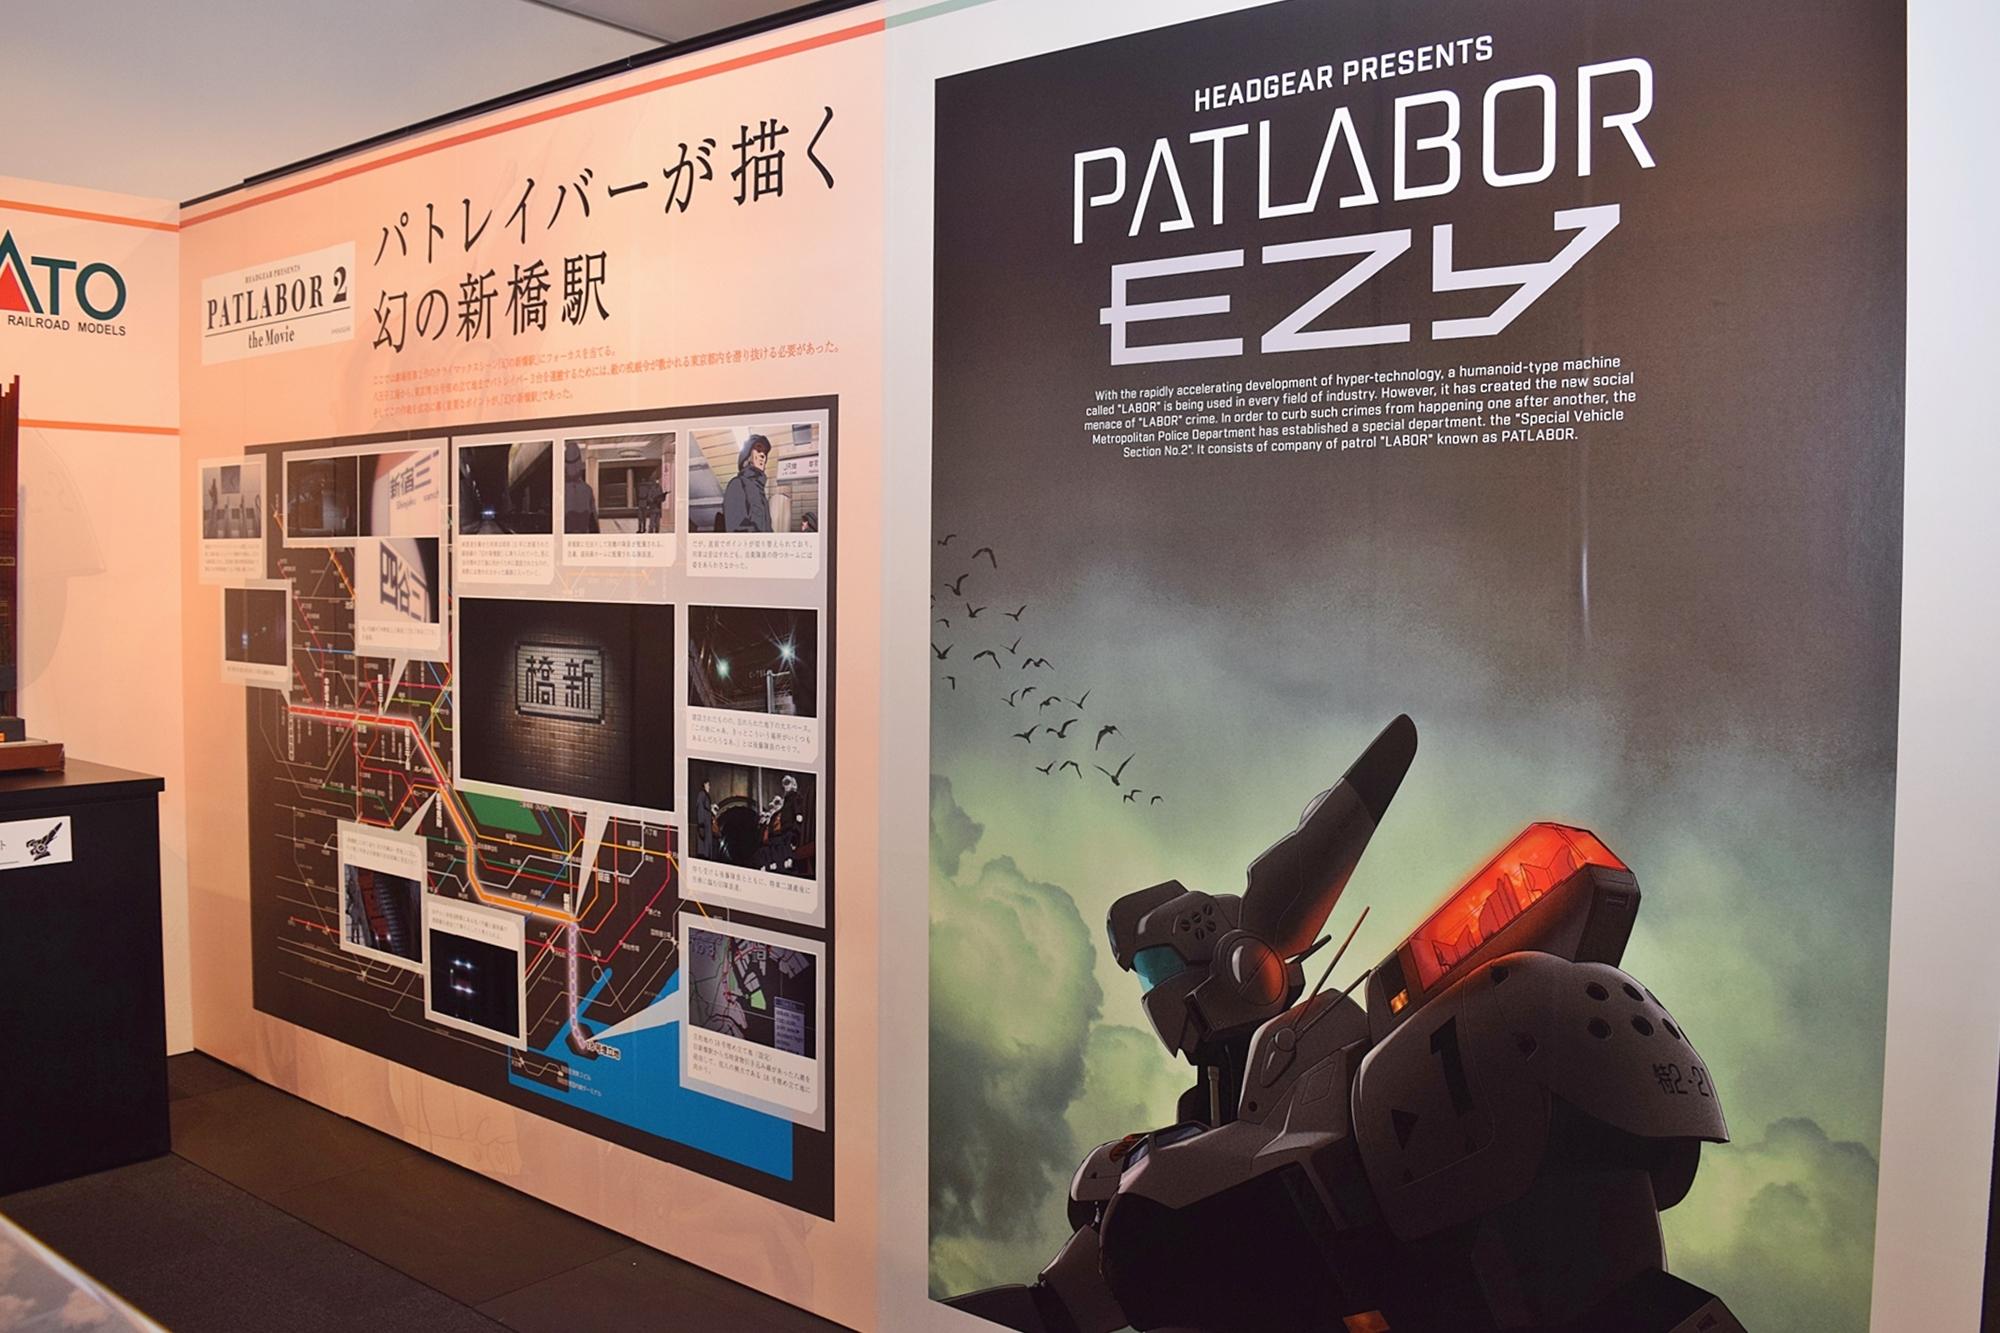 「アニメと鉄道展」を鉄道BIG4が大絶賛! 『ラブライブ!サンシャイン!!』、『この世界の片隅に』、『機動警察パトレイバー』、『ISLAND』などが展示-14